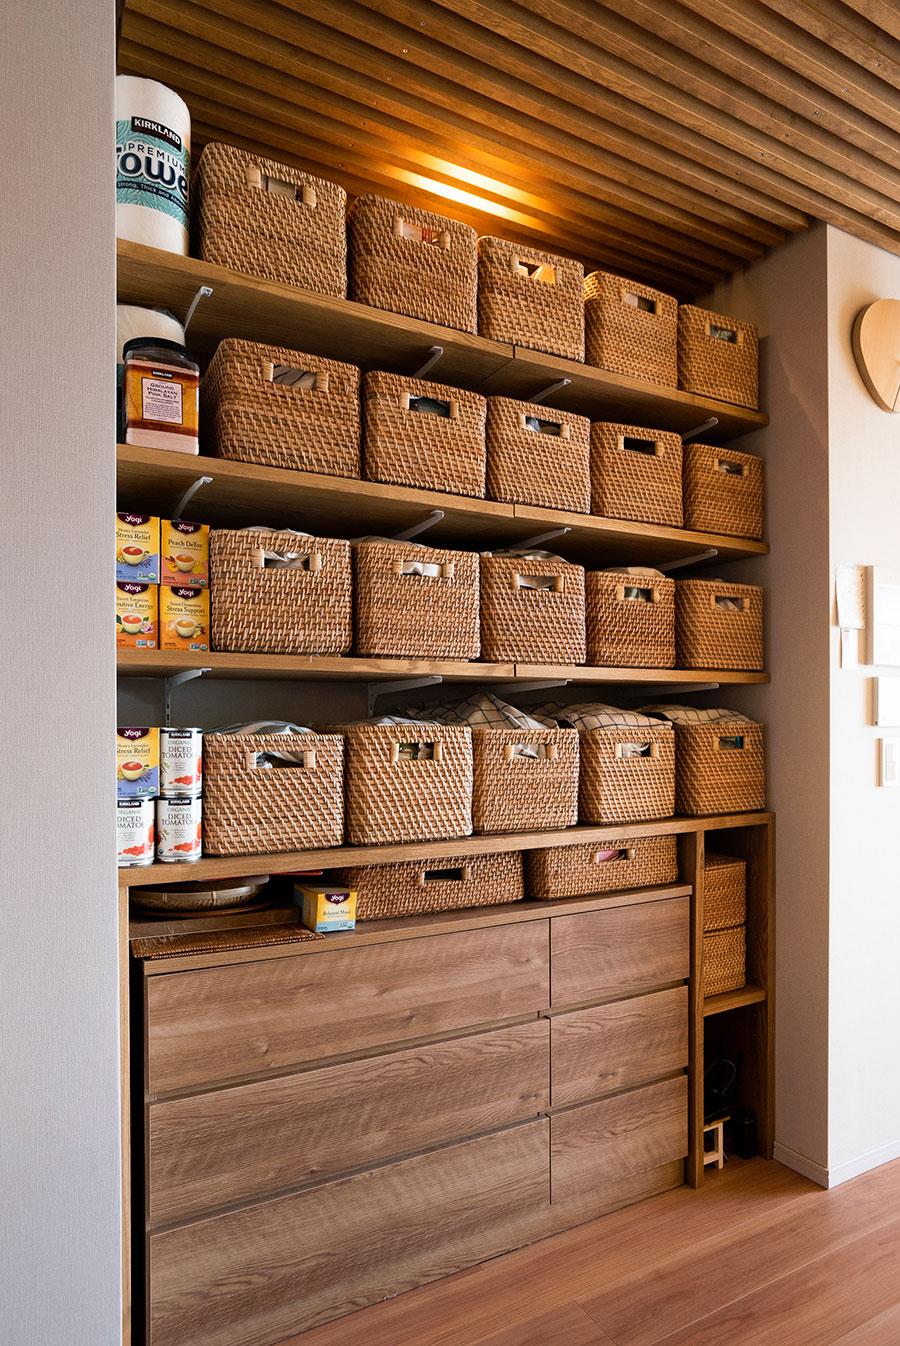 棚板を設けてパントリーを設置した。ラタンのカゴを使い、コロナ禍で増えた備蓄をアイテム毎に収納。